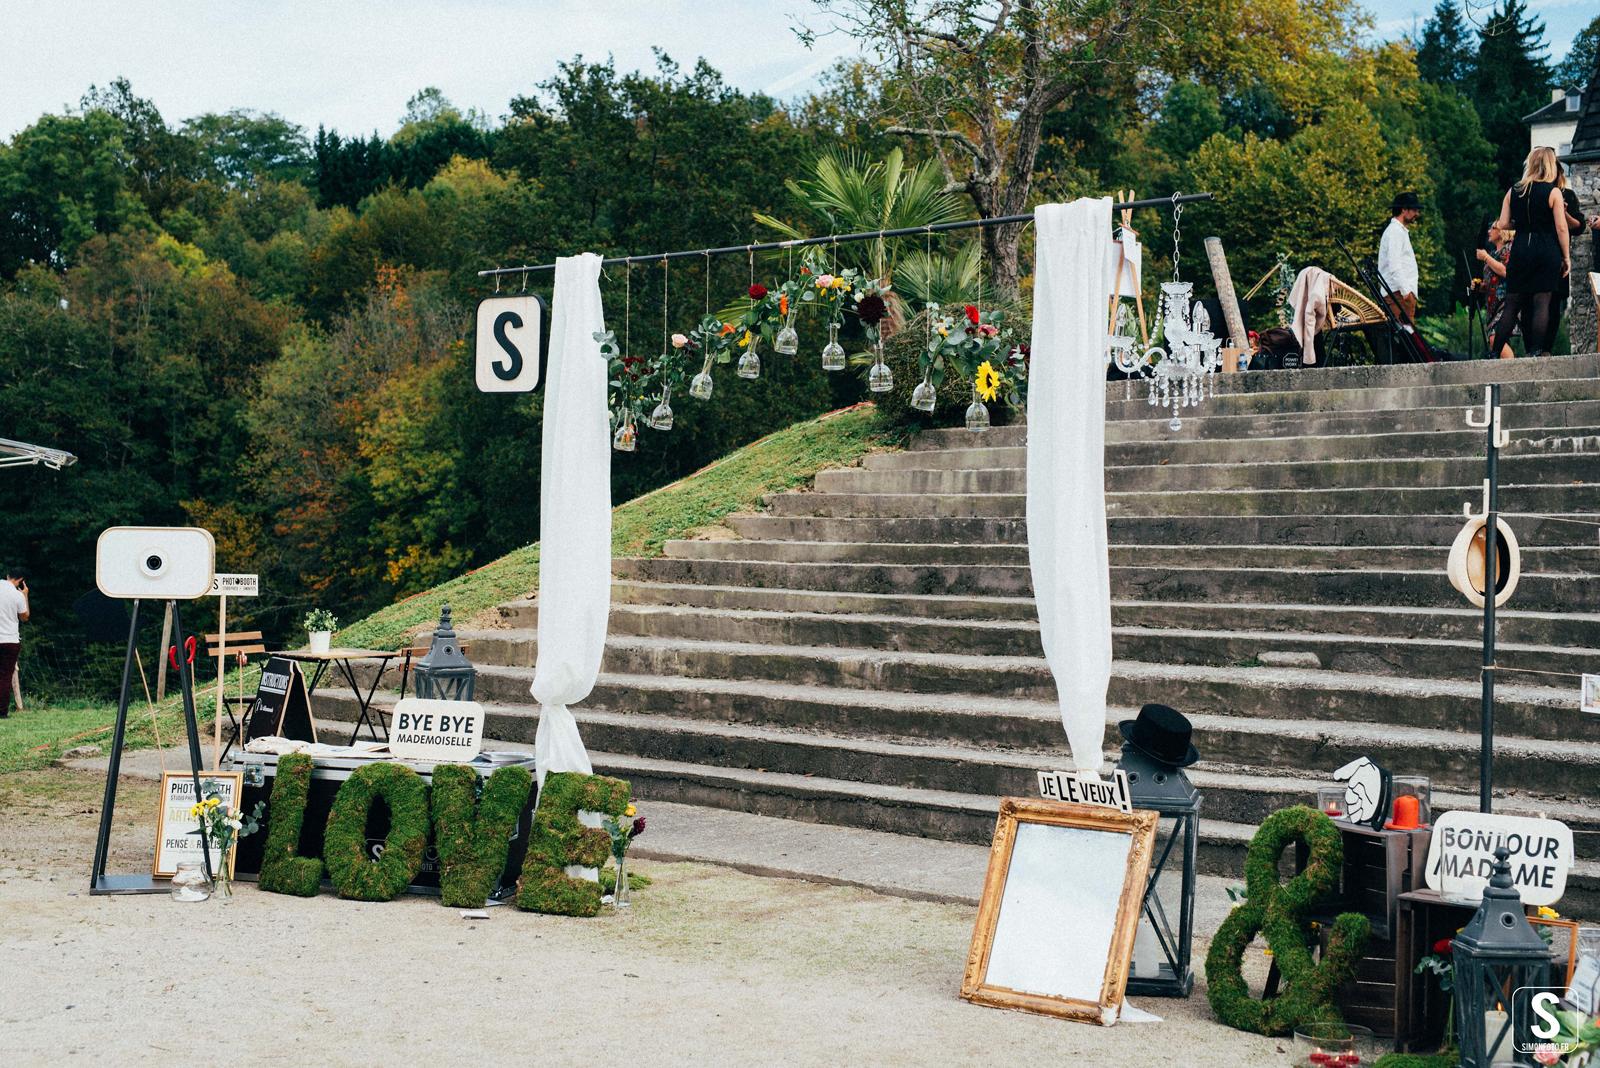 Illustration pour le stand de photobooth SIMON foto, au festival Bye Bye Mademoiselle. Réalisation studio du flamant rose, Bordeaux